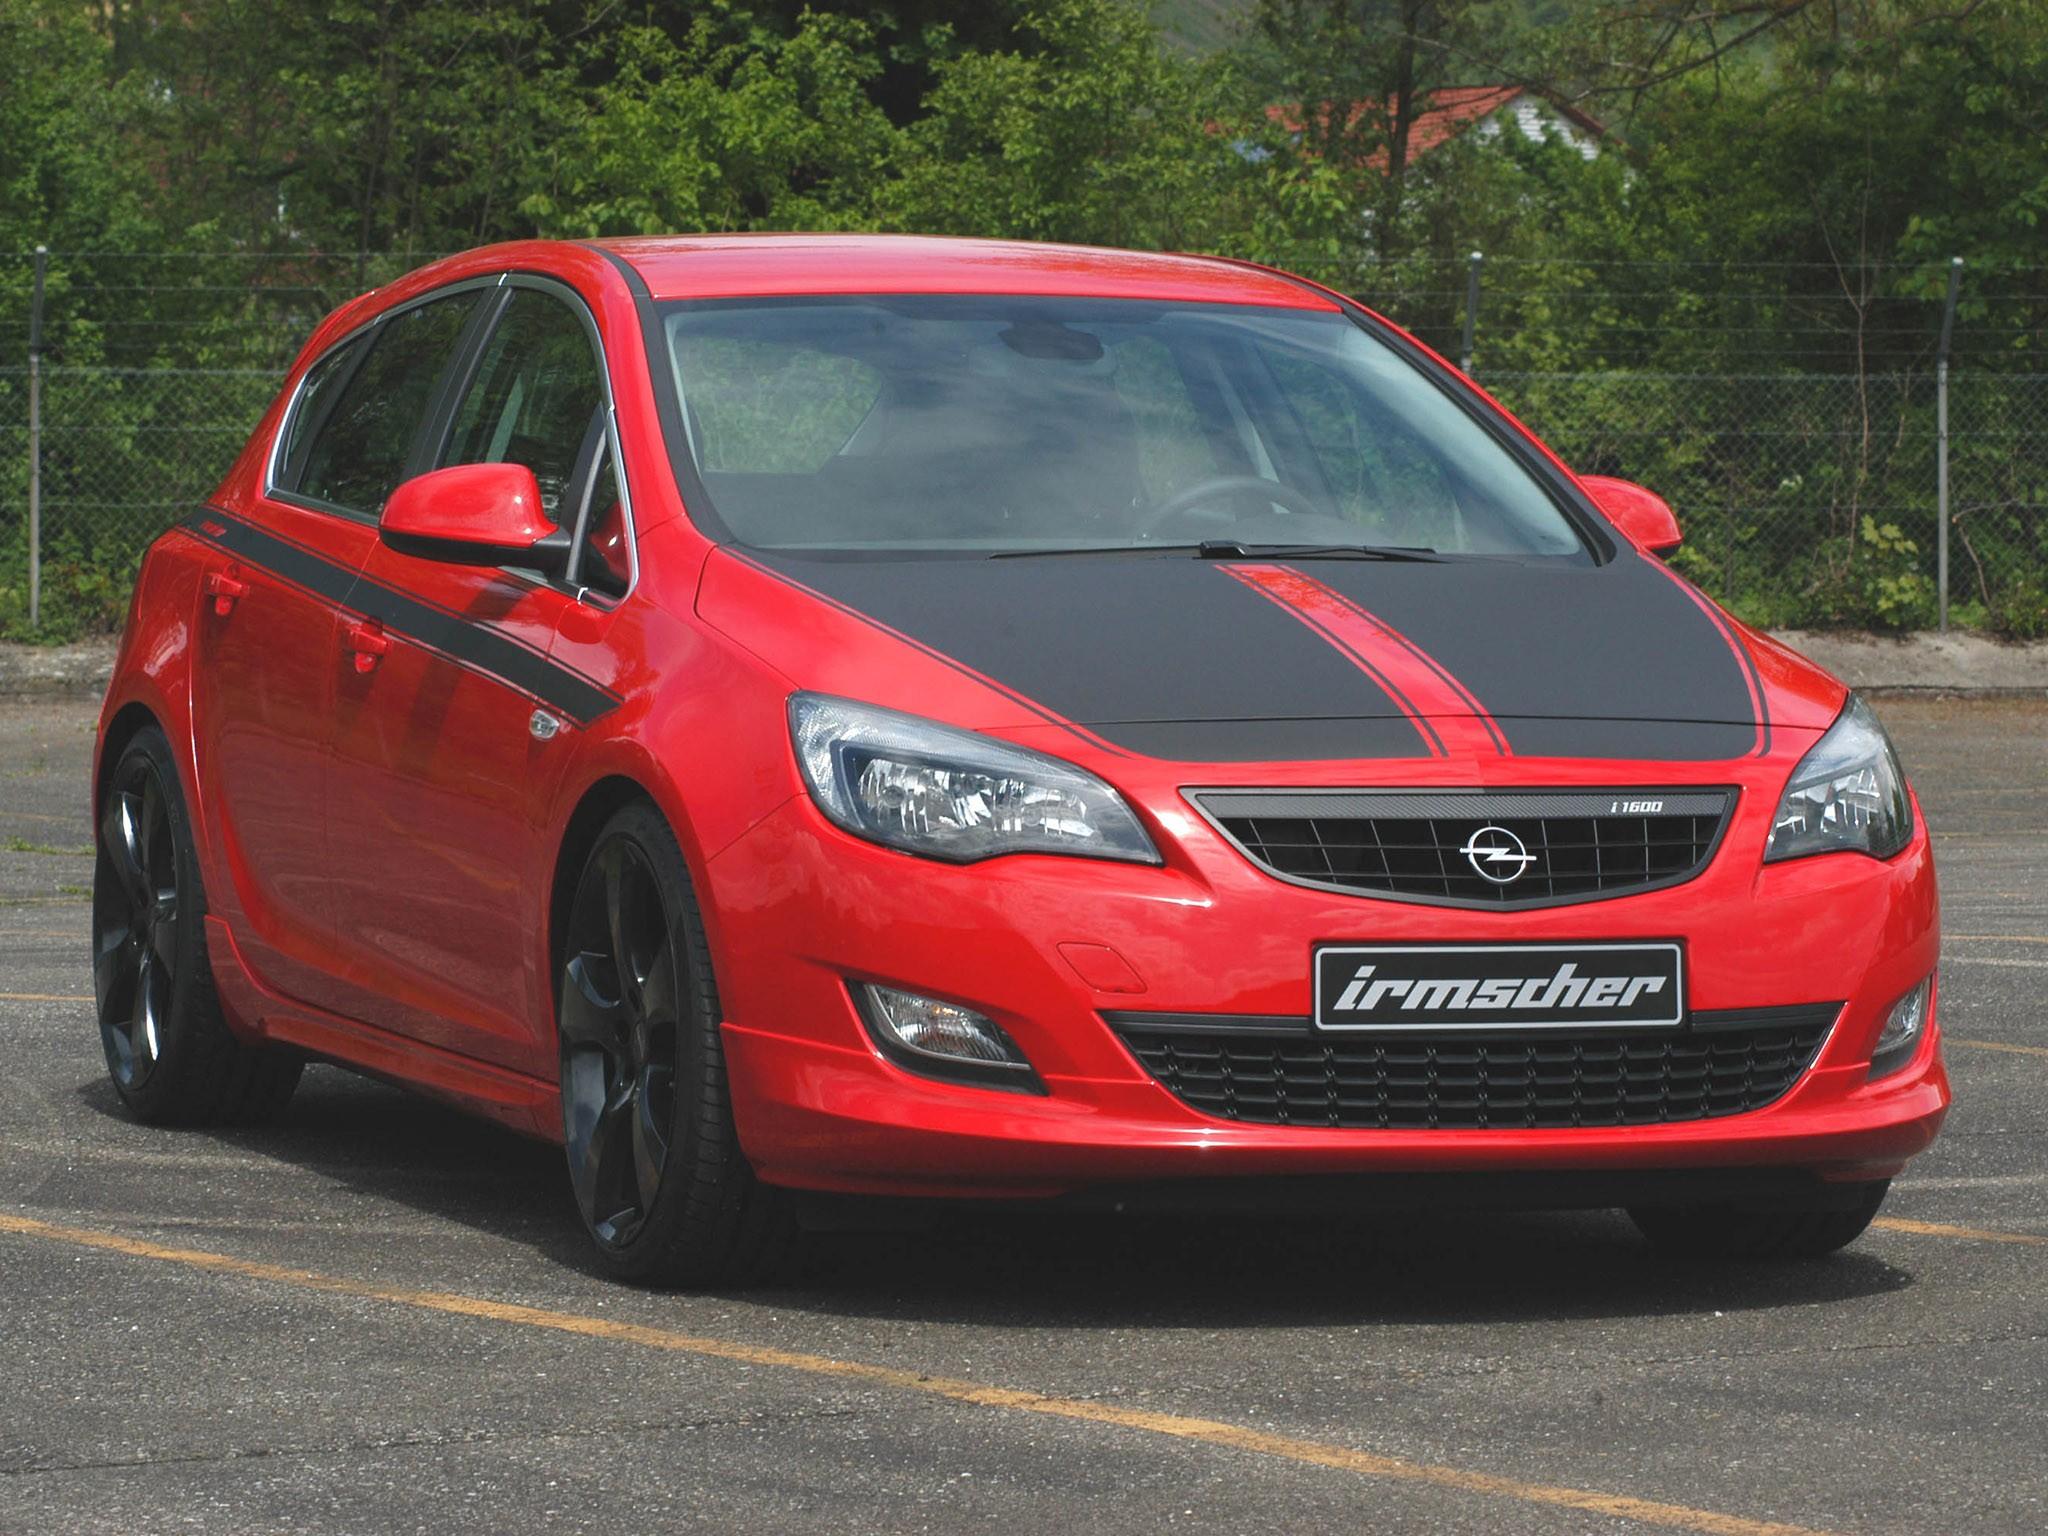 2010 Irmscher Opel Astra i1600